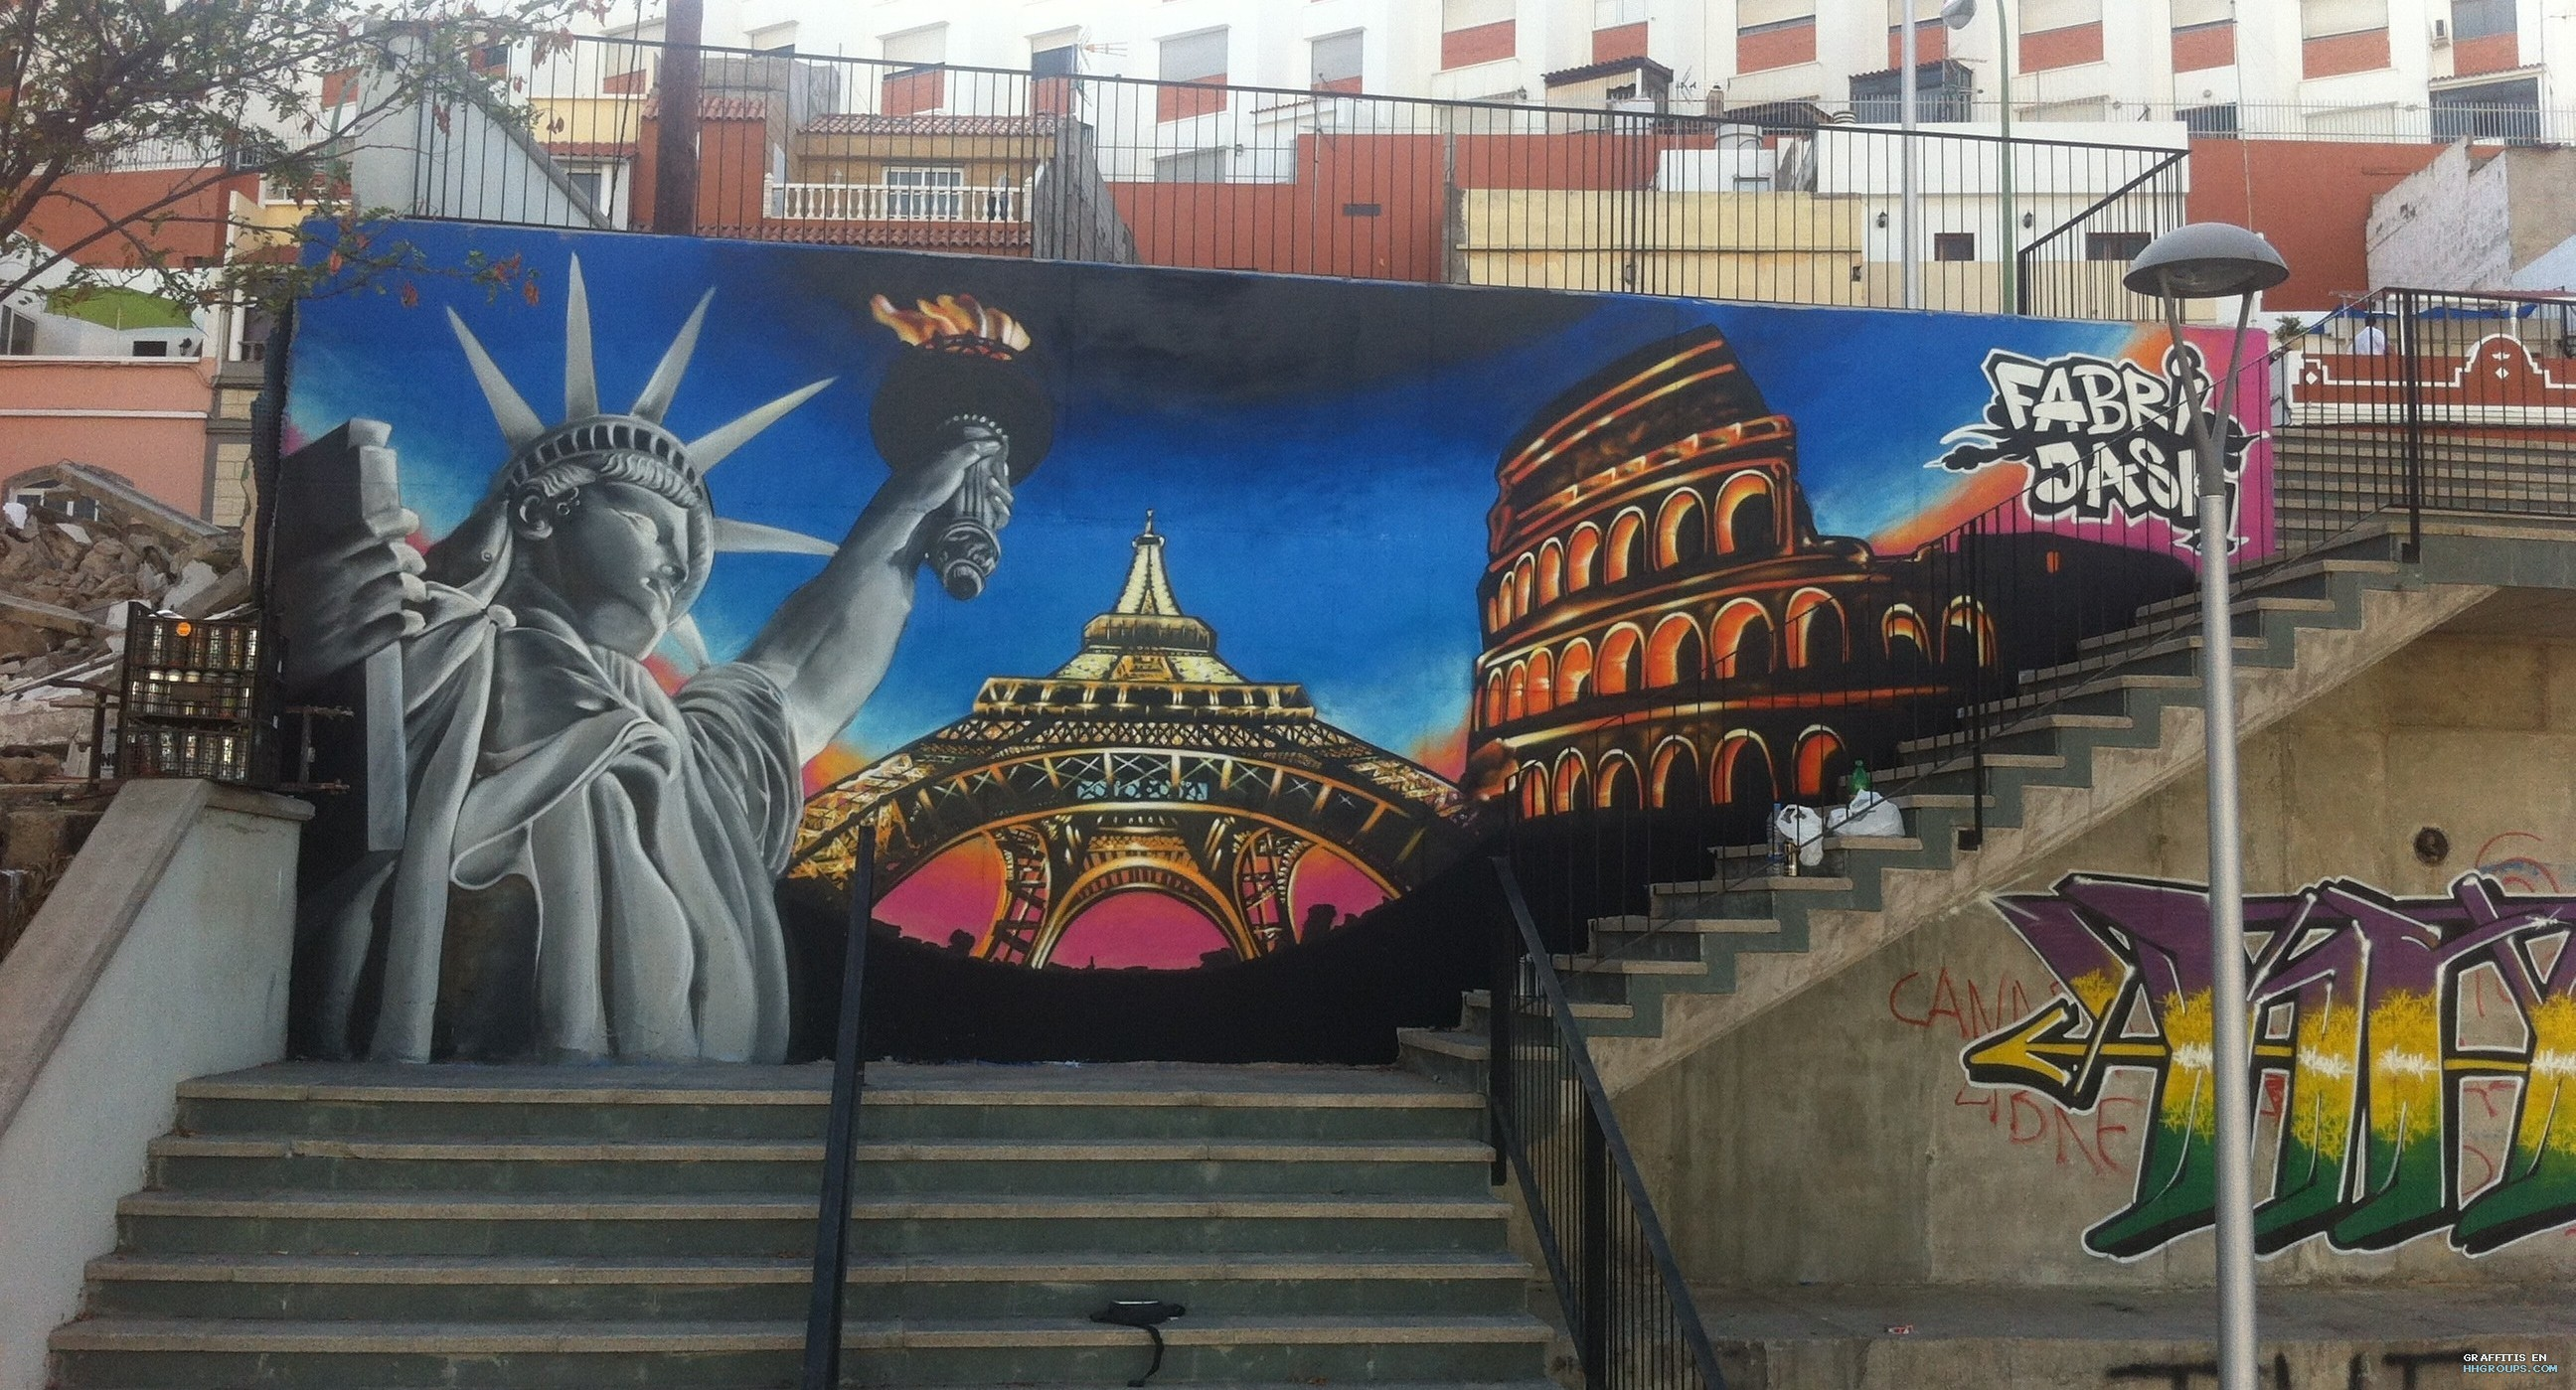 Graffiti de fabrizio y jask en las palmas de gran canaria for Cristalerias en las palmas de gran canaria